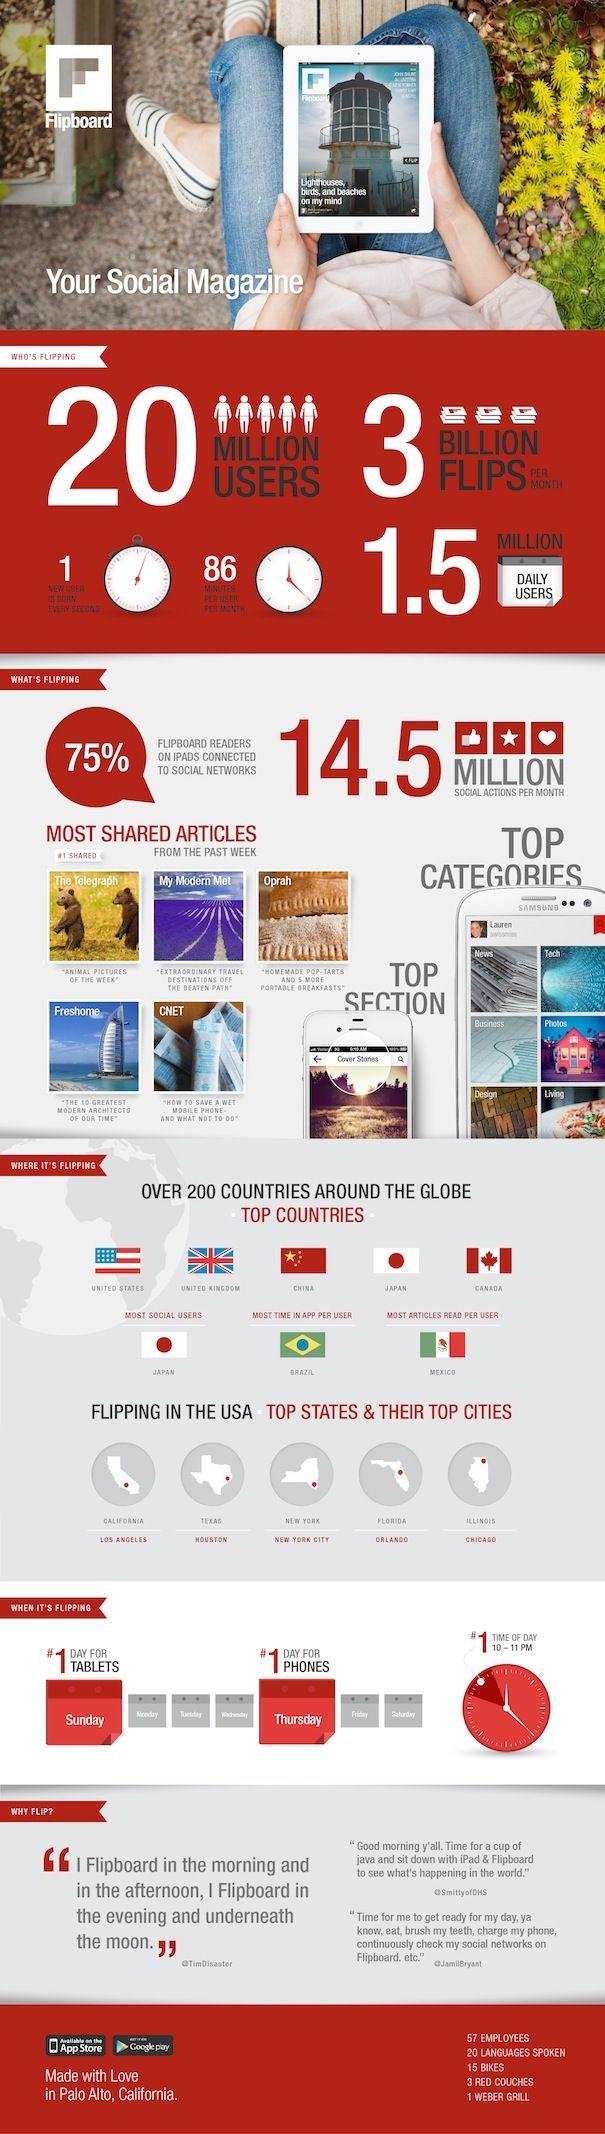 Скачать Flipboard. Лучшая новостная читалка для iPhone и IPad празднует свой день рождения и дарит себе инфографику